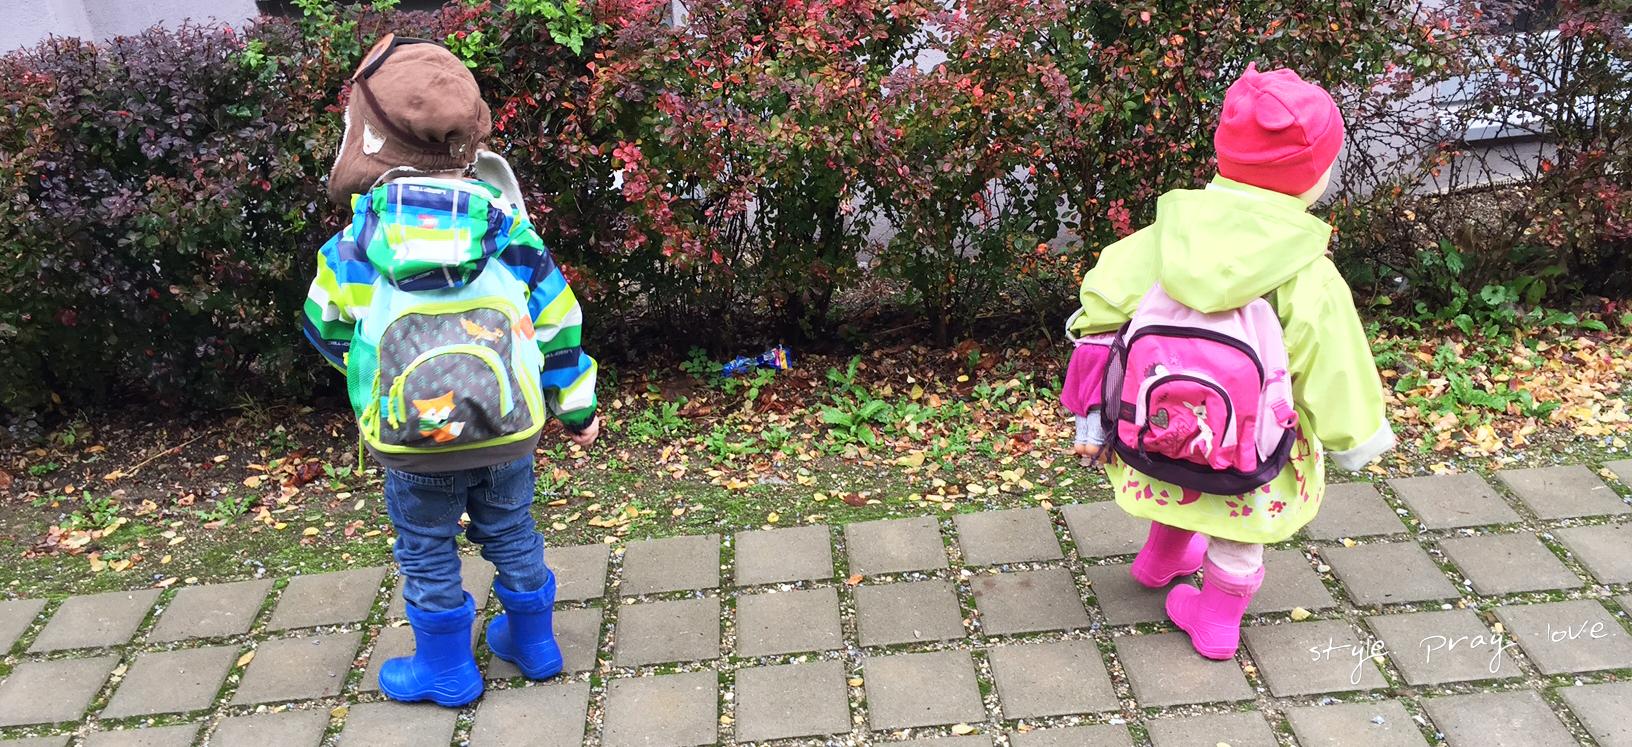 kindergarten-rucksack-fuchs-laessig-3-spl